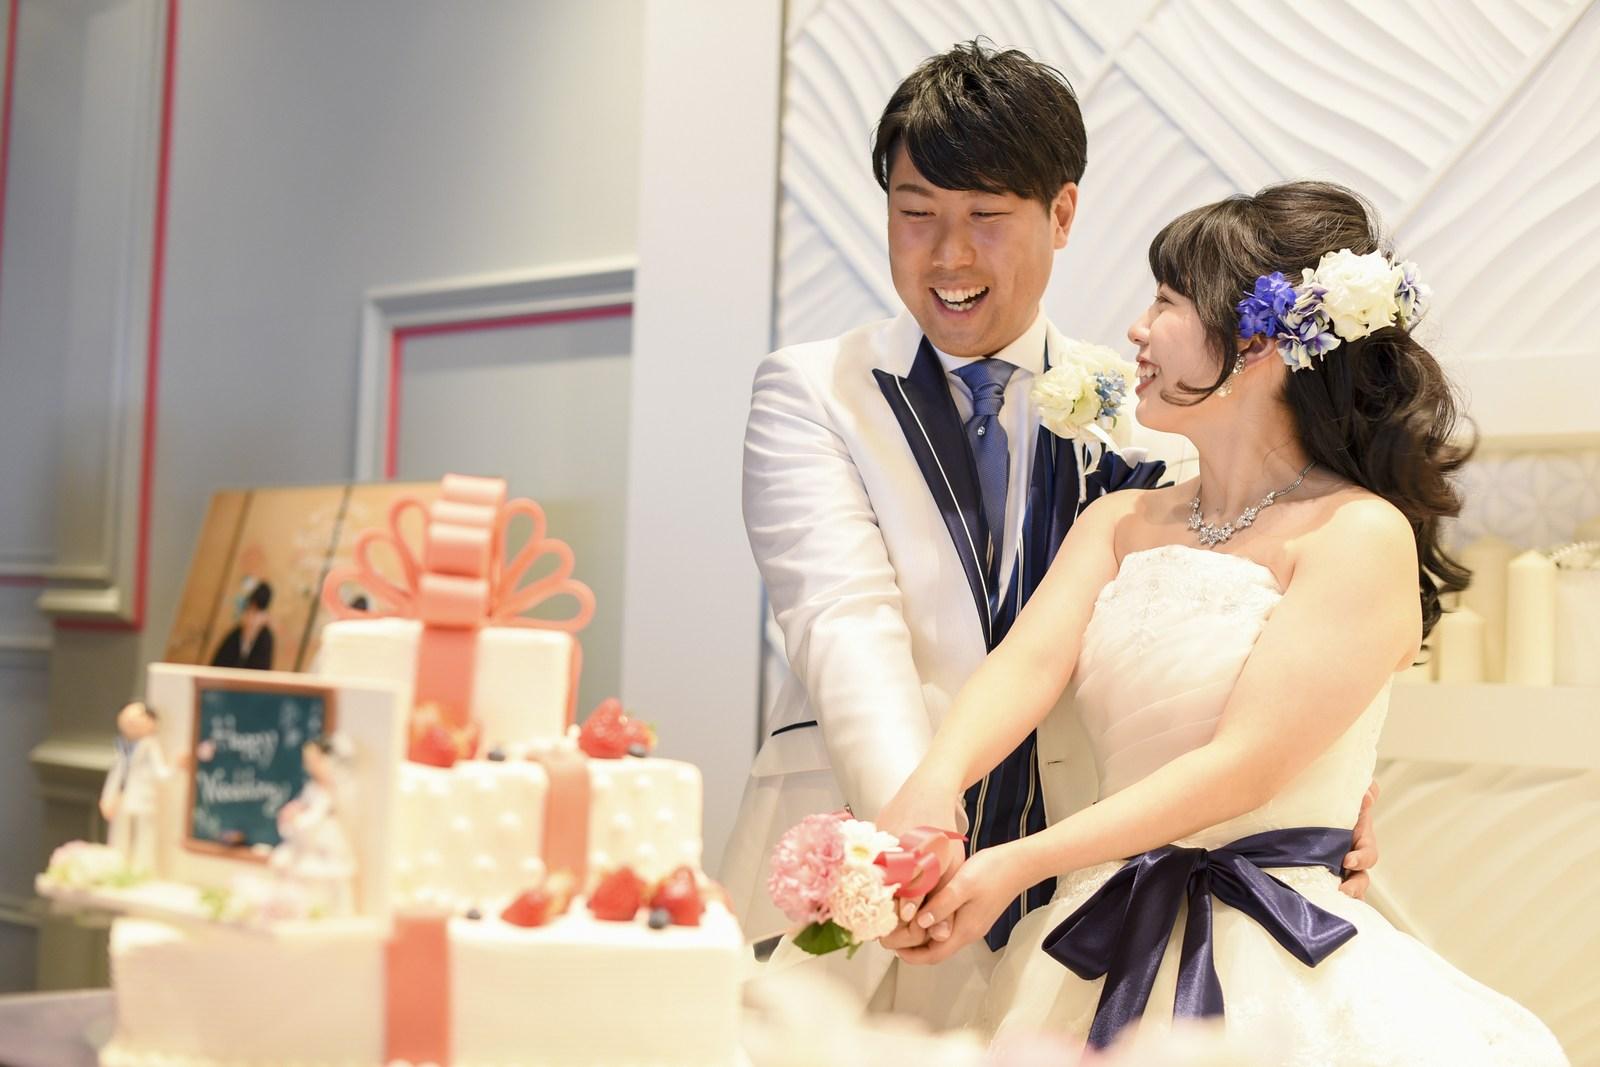 徳島市の結婚式場ブランアンジュでケーキ入刀